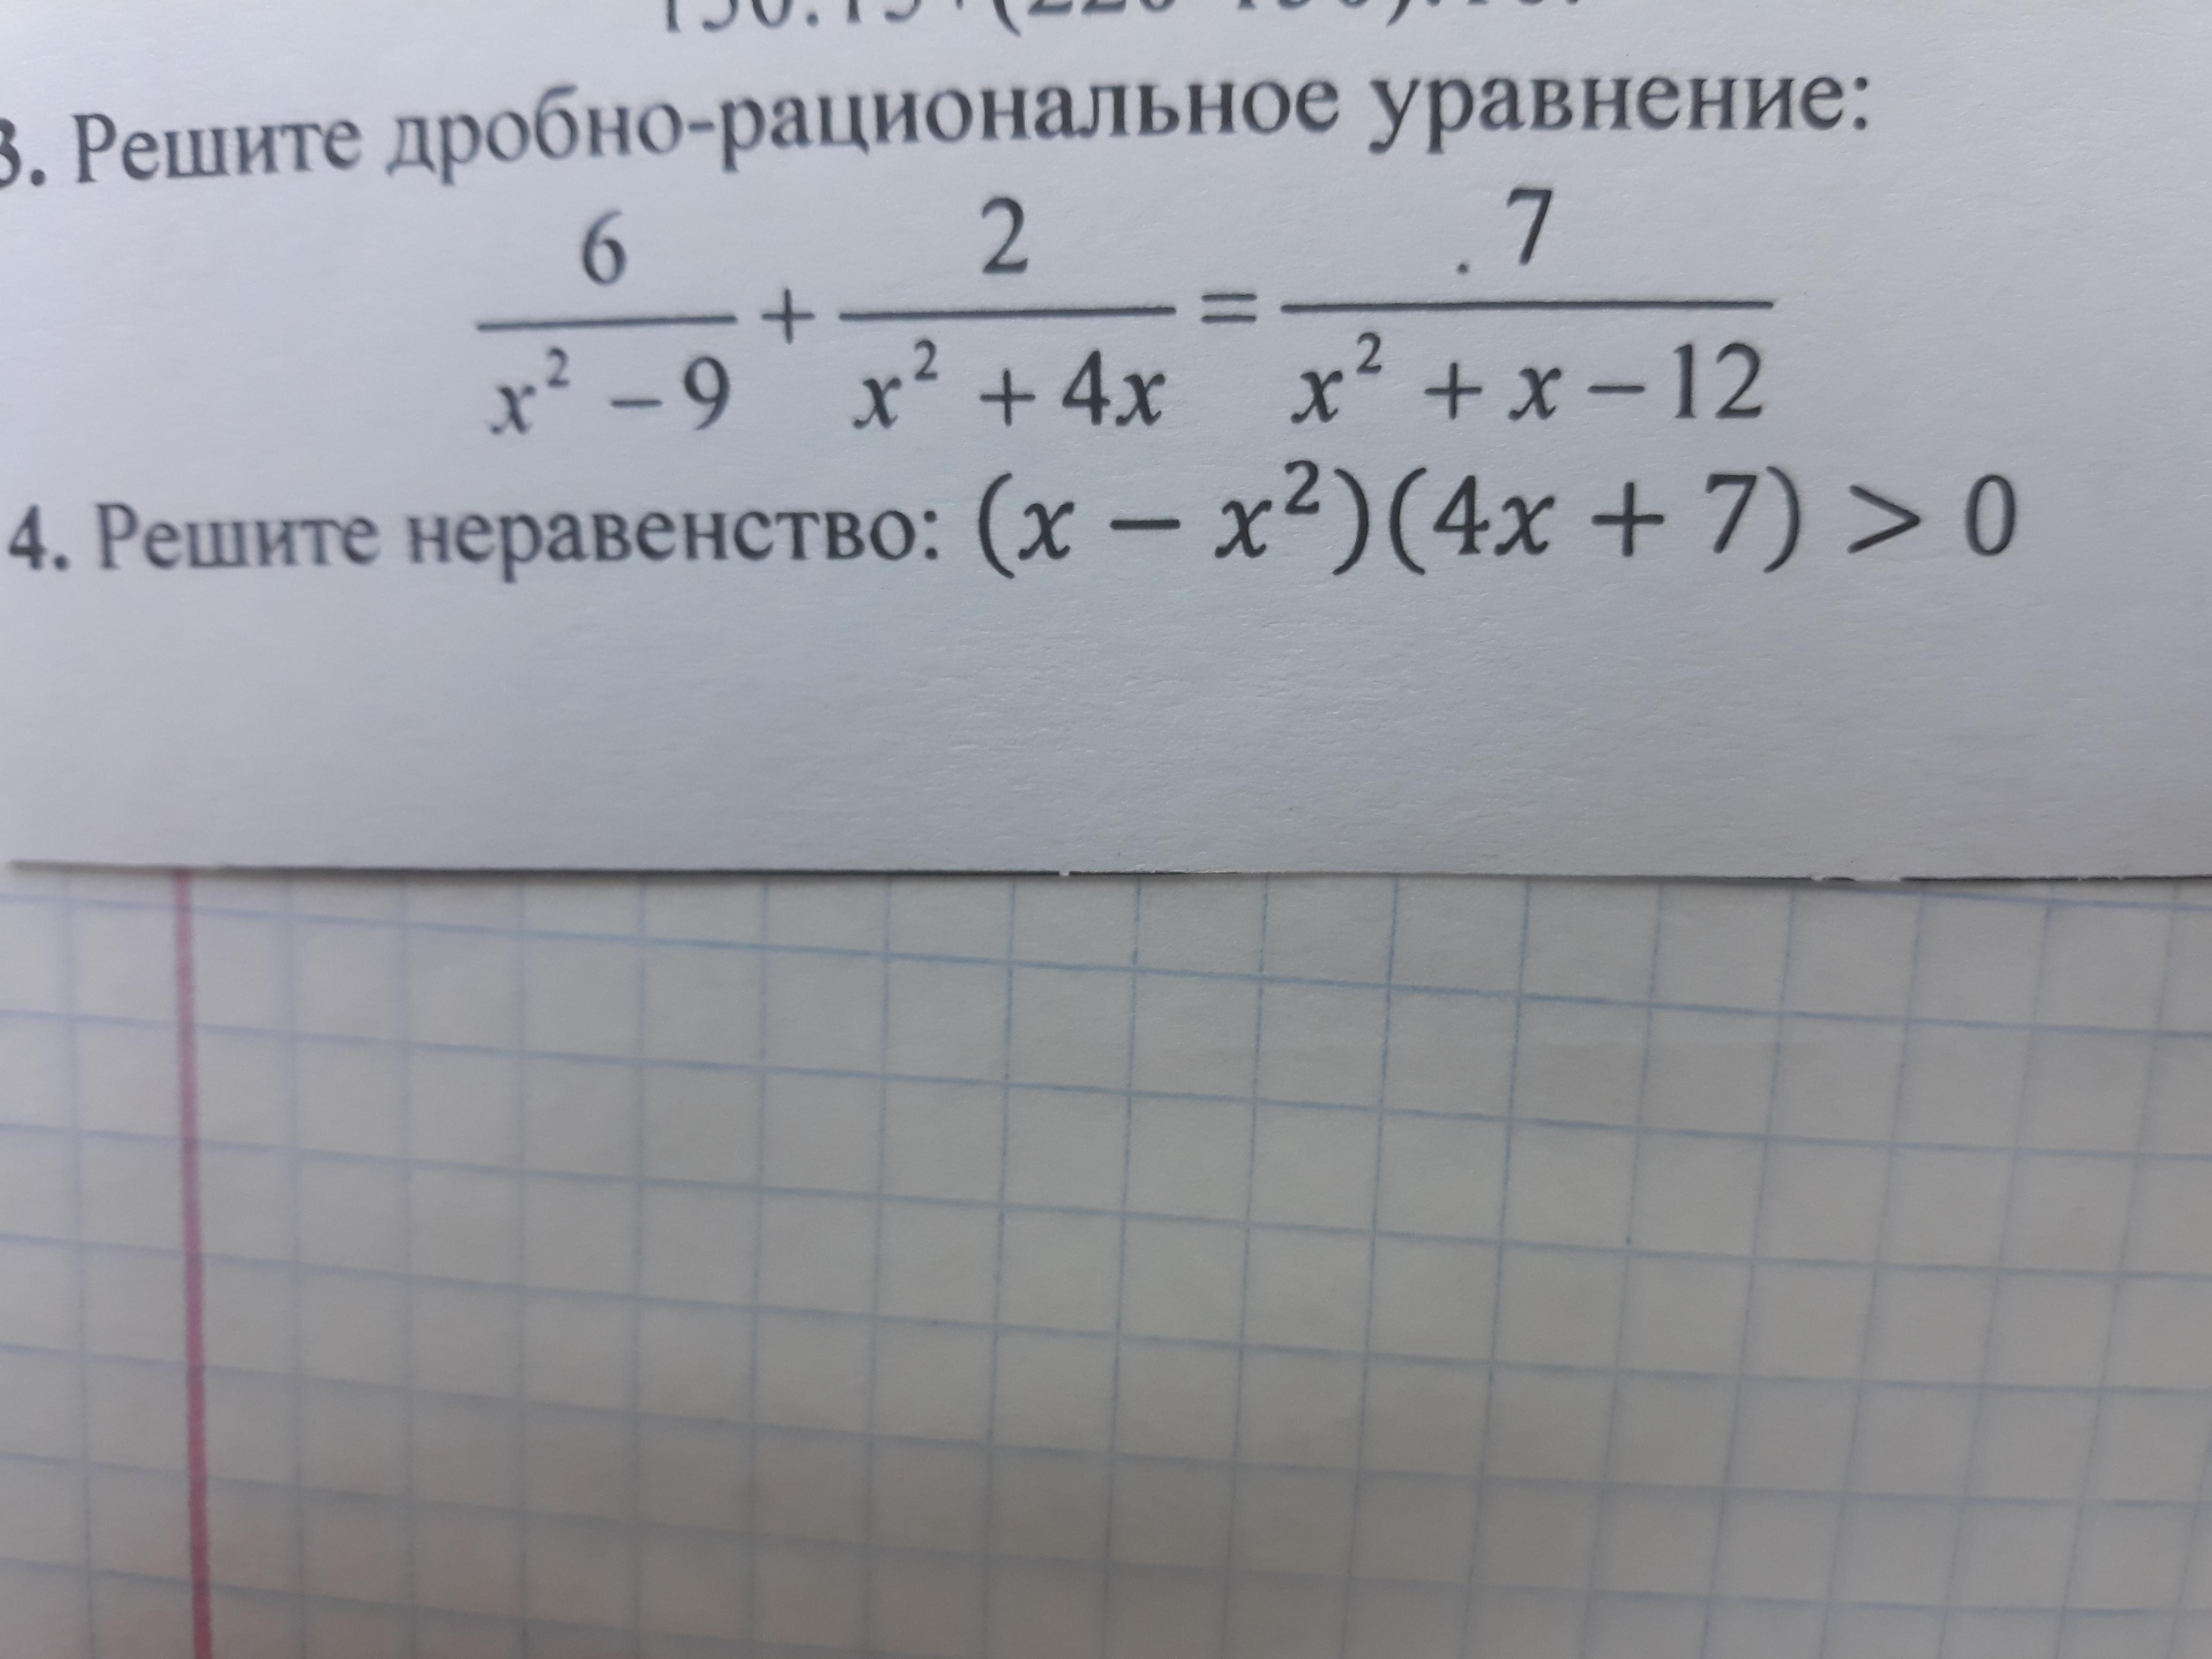 Срочно!!! Уравнения нужно решить